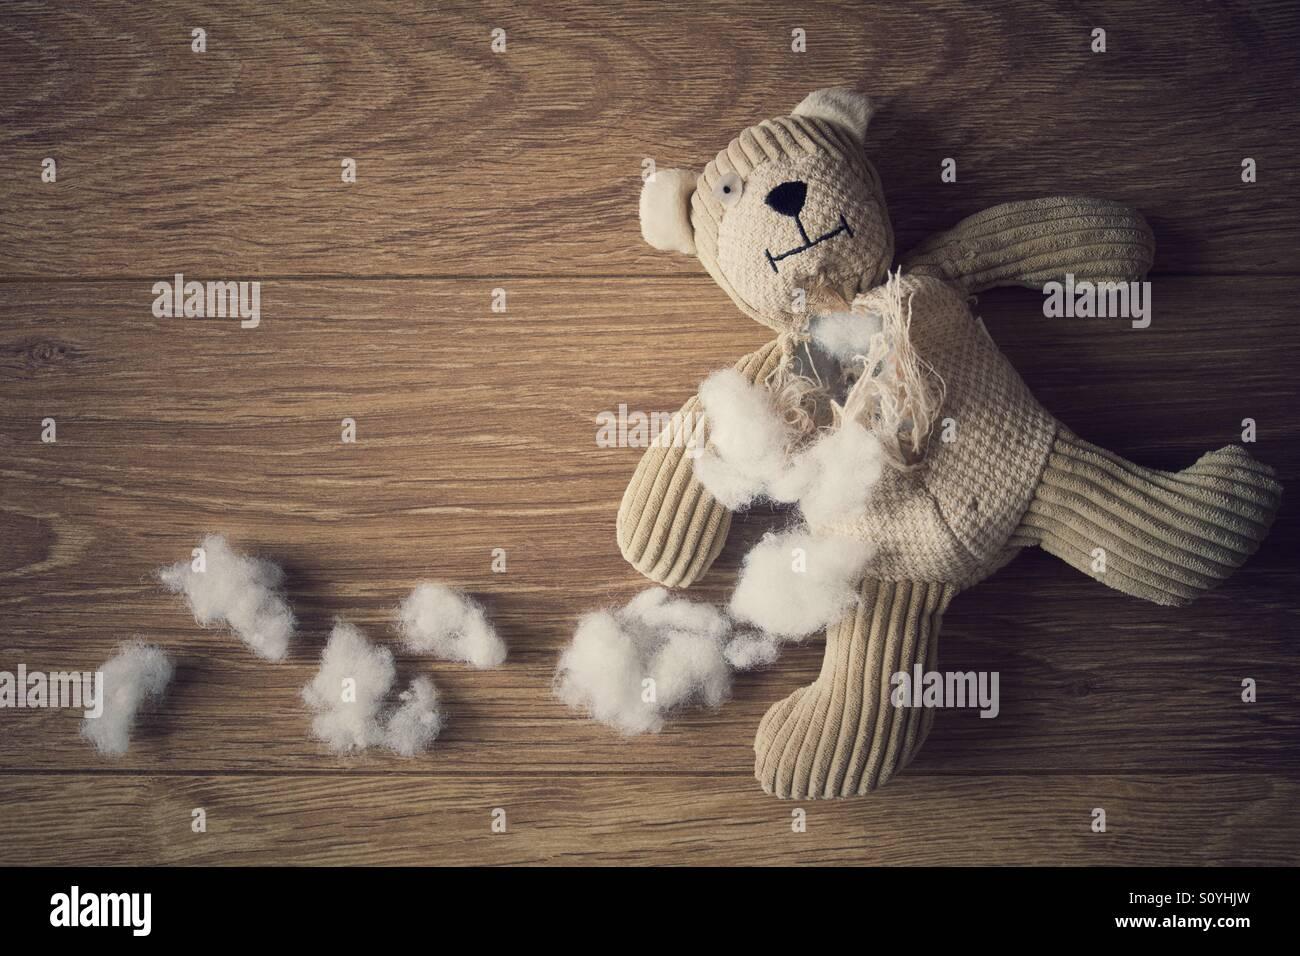 Un pequeño oso de peluche poniendo en un piso de madera con su relleno desgarrado y fuera. Imagen De Stock